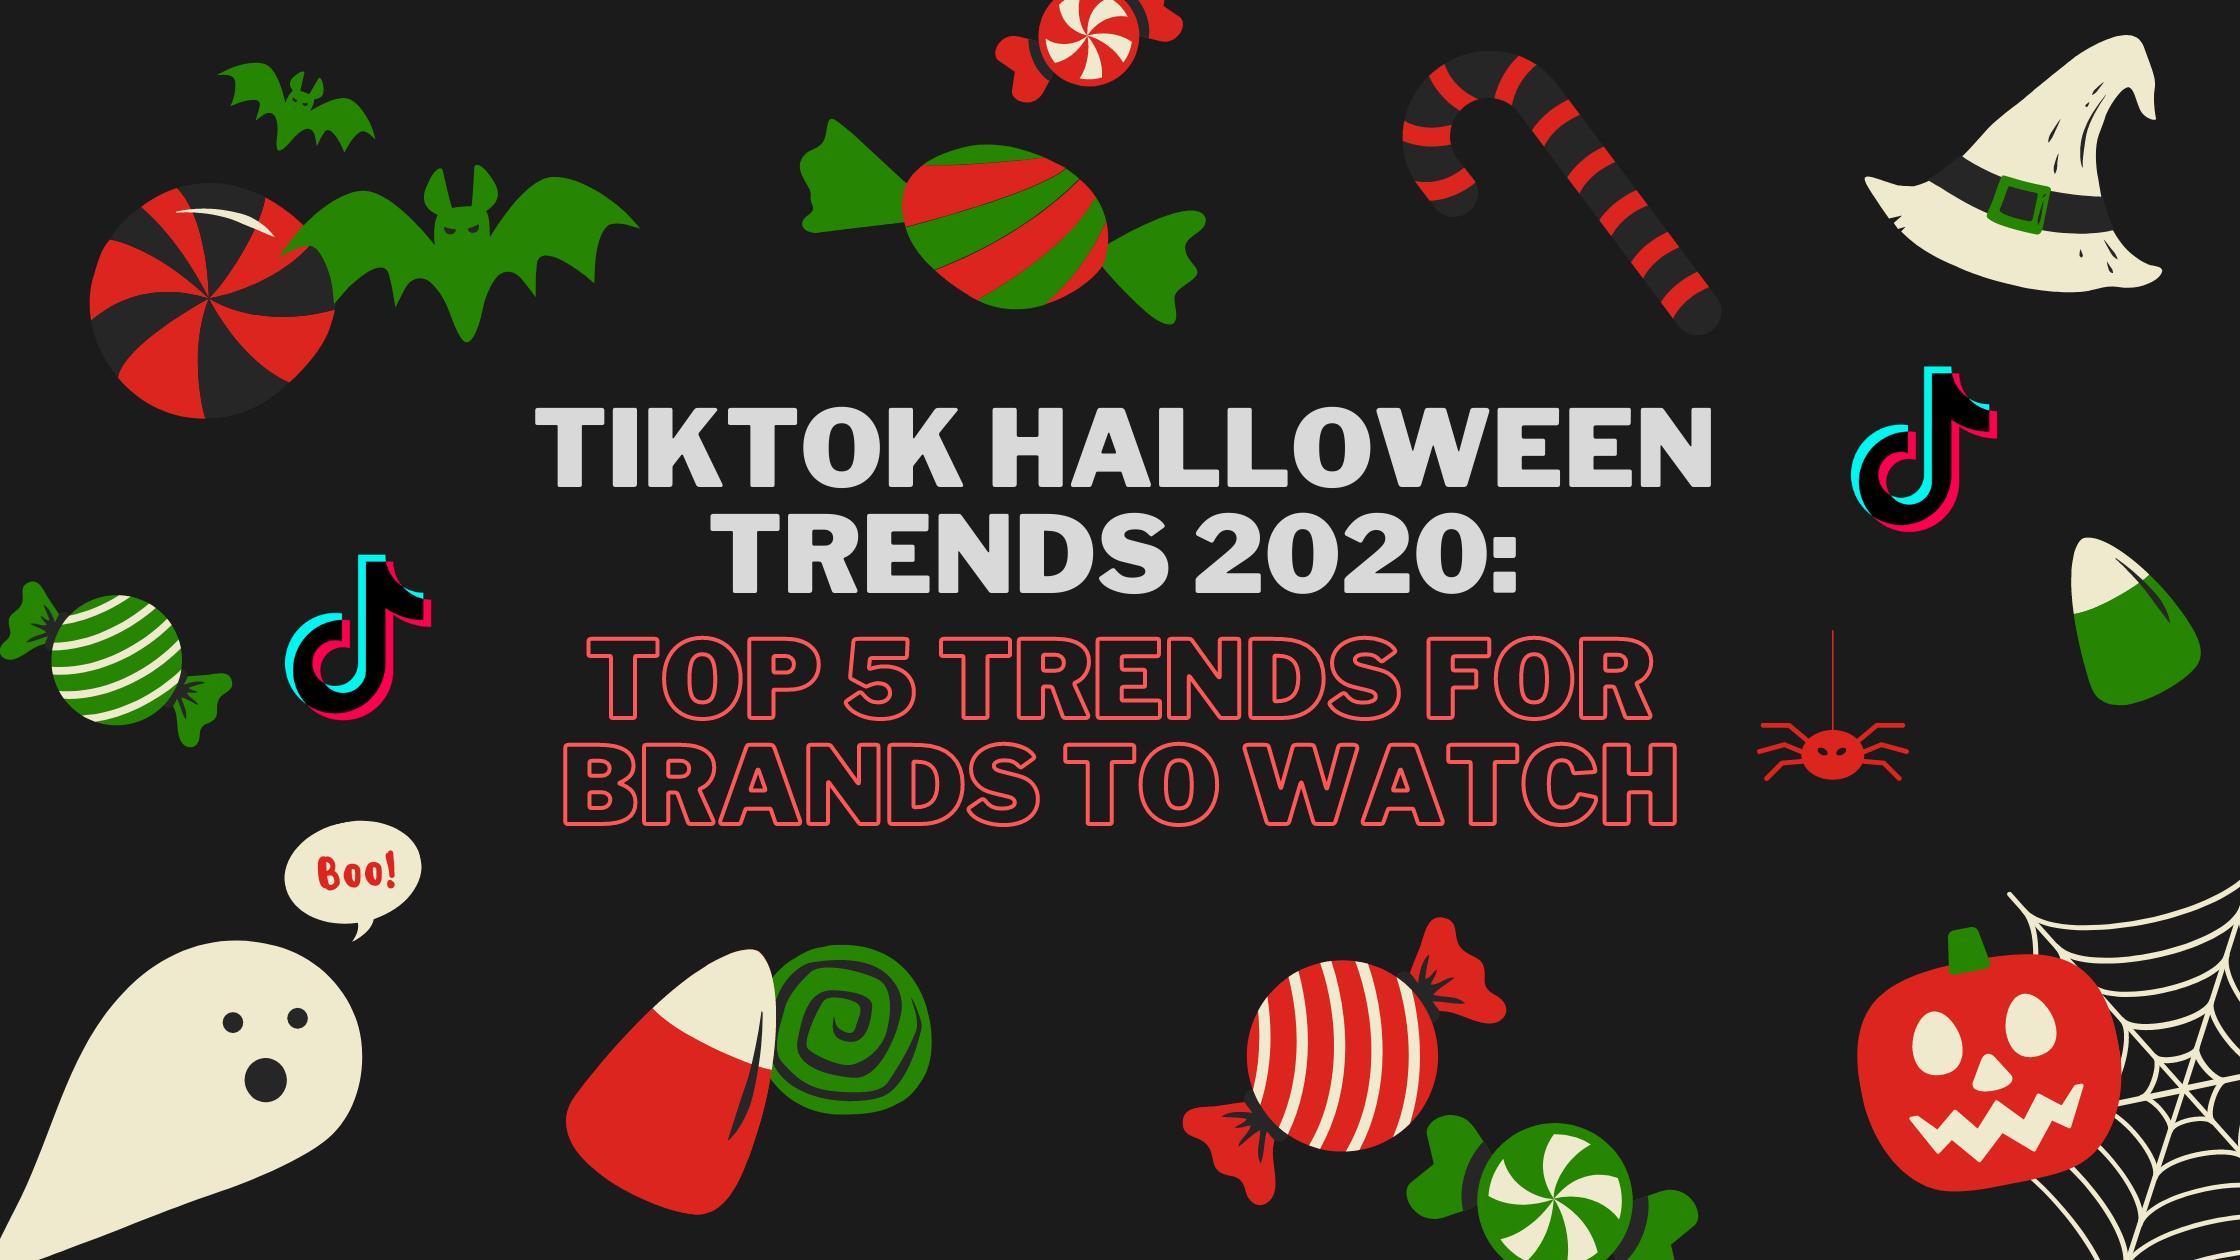 TikTok Halloween Trends 2020: Top 5 Trends for Brands to Watch